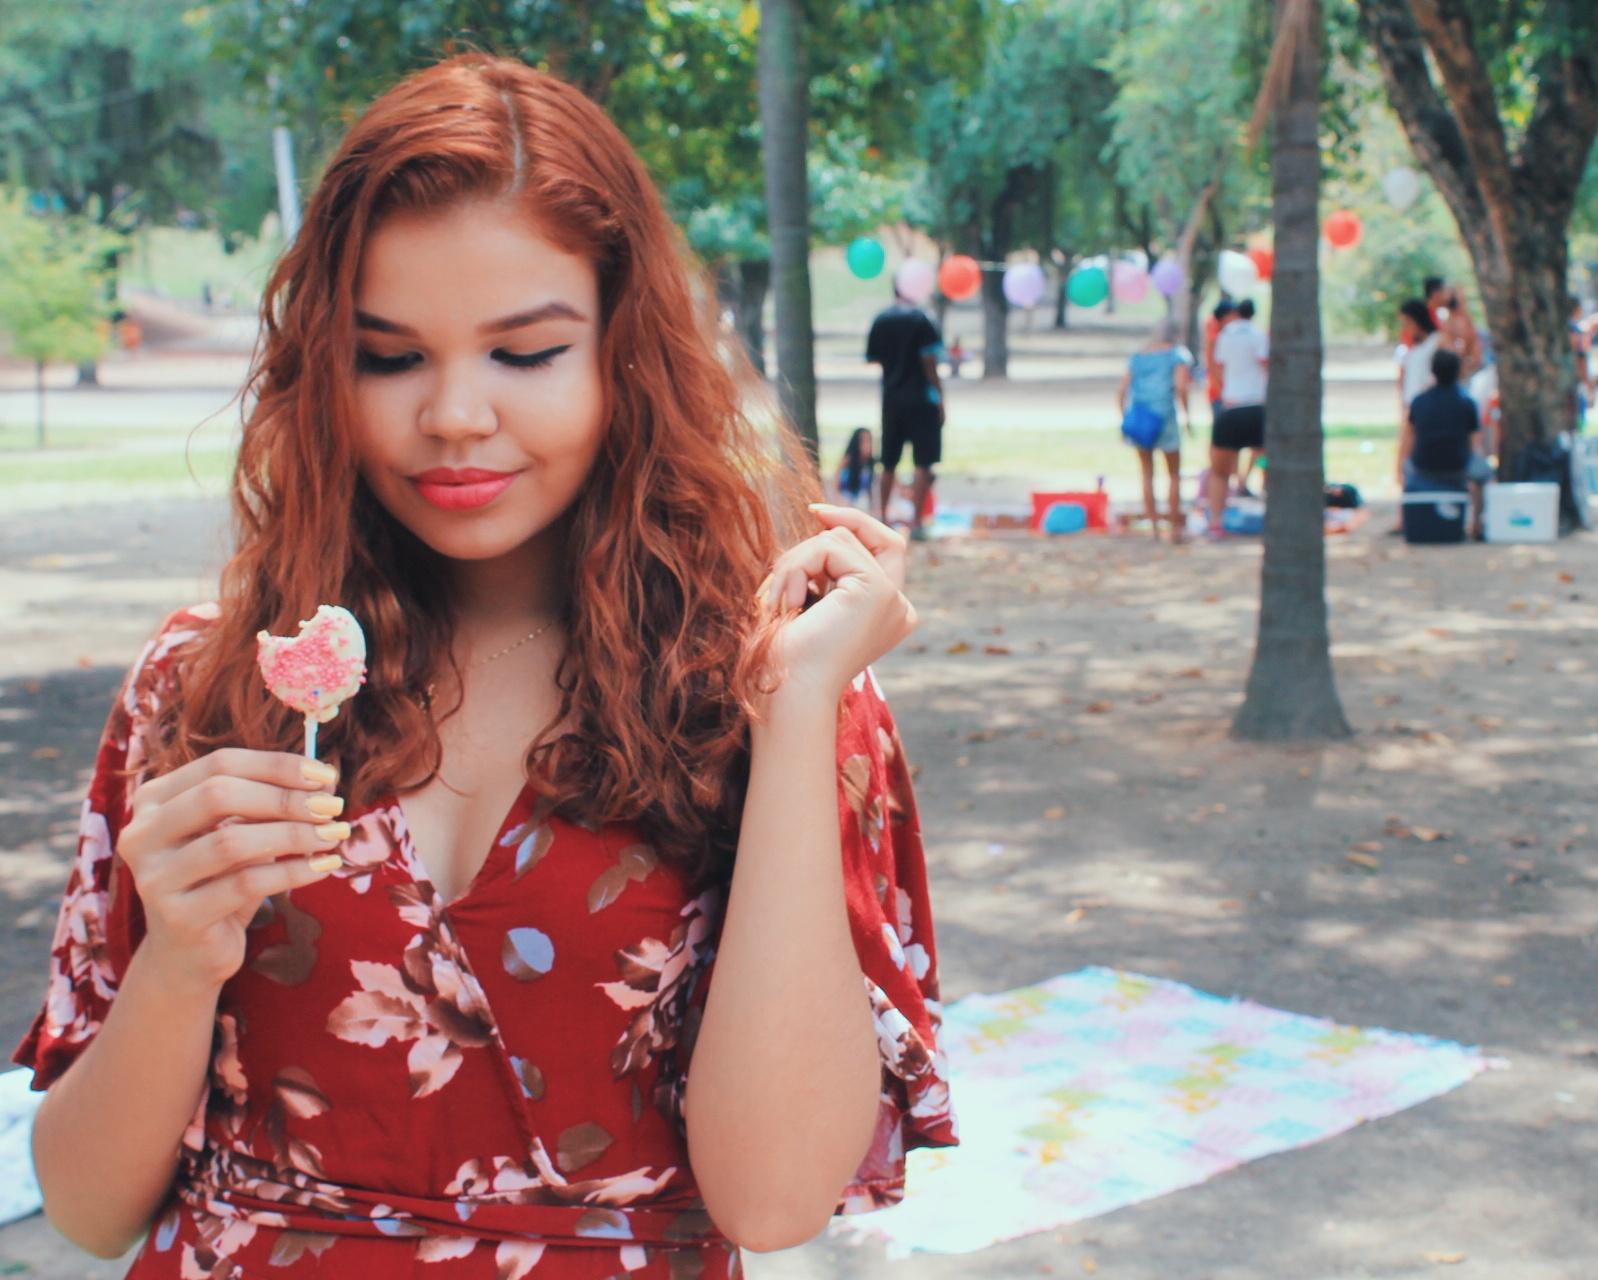 piquenique de blogueiras, tumblr, pinterest, inspiração piquenique rosa, piquenique fofo, dicas piquenique, fotos piquenique, ingrid gleize, 40kdaingrid